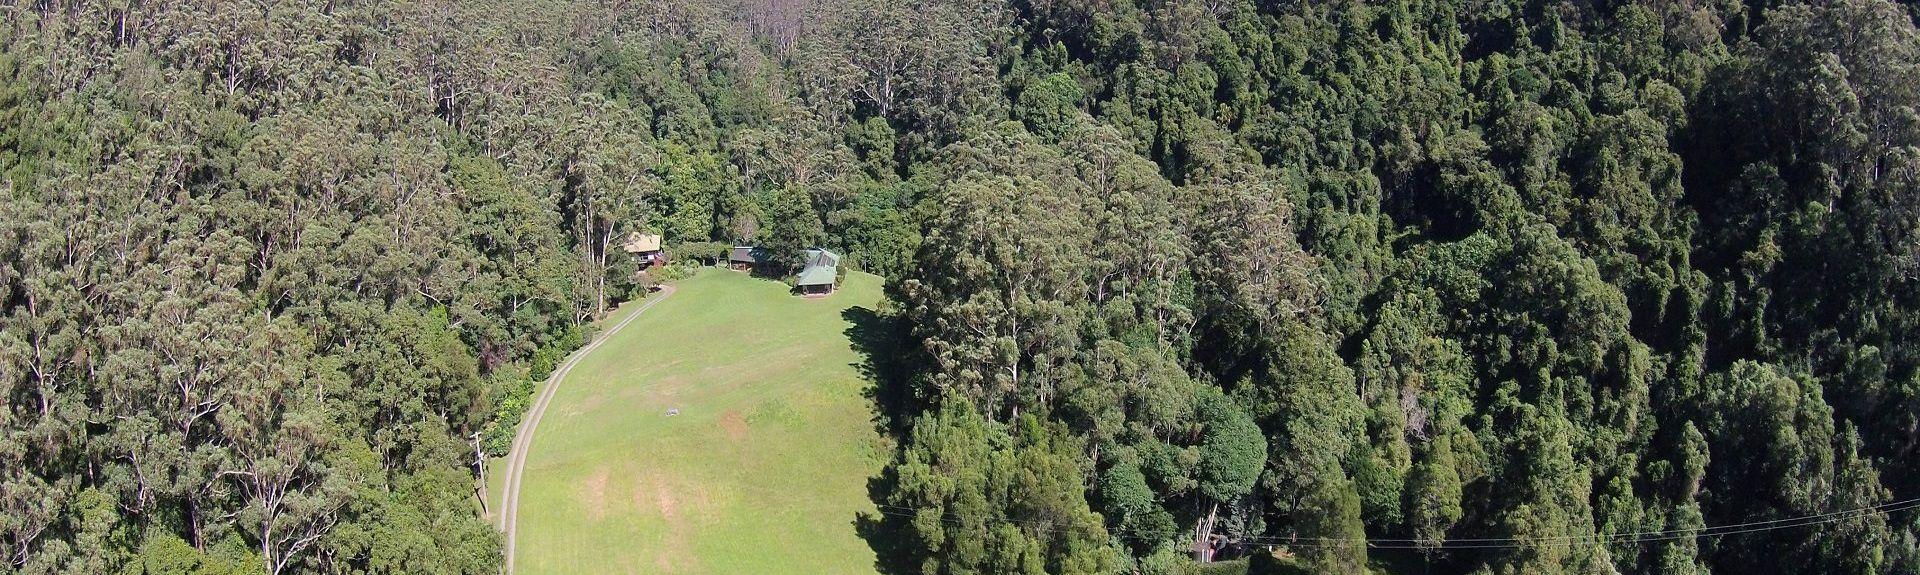 Robertson, Nouvelle-Galles-du-Sud, Australie